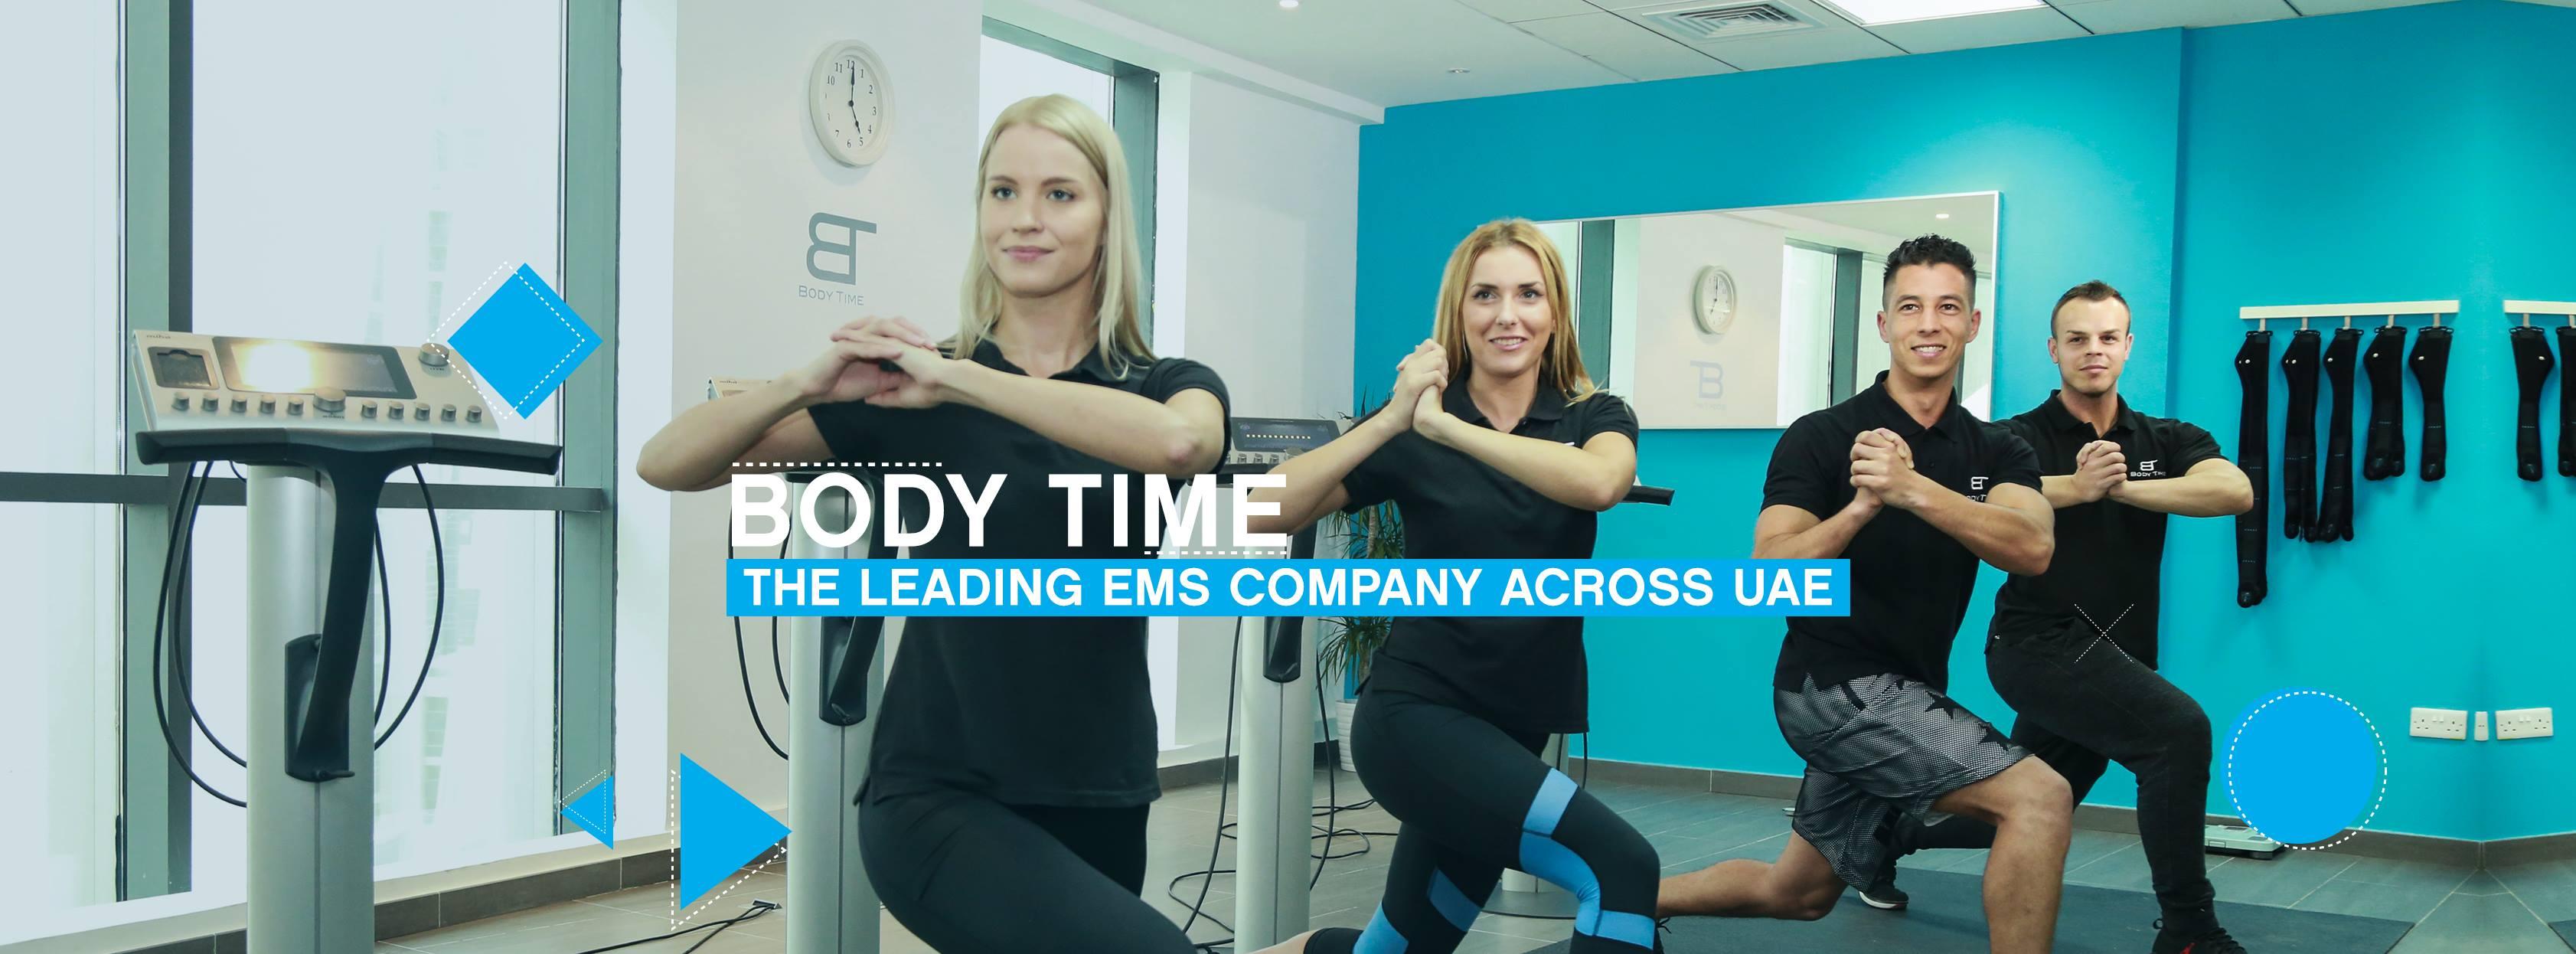 bodytime-ems